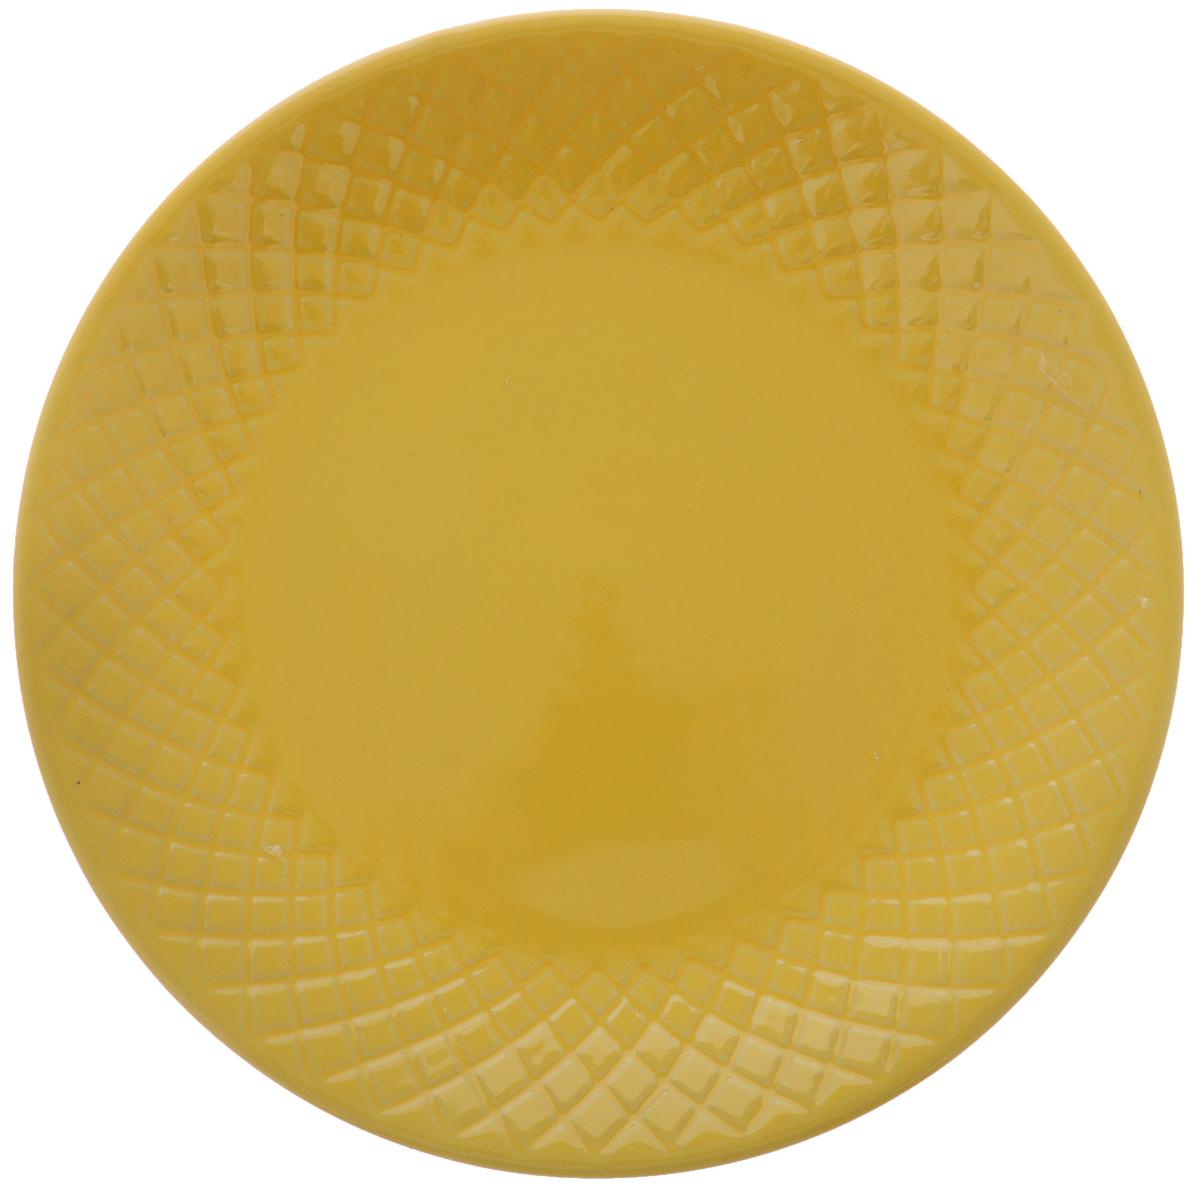 Тарелка обеденная Walmer Amber, цвет: желтый, диаметр 20 см115510Обеденная тарелка Walmer Amber, изготовленная из высококачественной керамики, имеет изысканный внешний вид. Яркий дизайн придется по вкусу и ценителям классики, и тем, кто предпочитает утонченность. Тарелка Walmer Amber идеально подойдет для сервировки стола и станет отличным подарком к любому празднику.Диаметр (по верхнему краю): 20 см